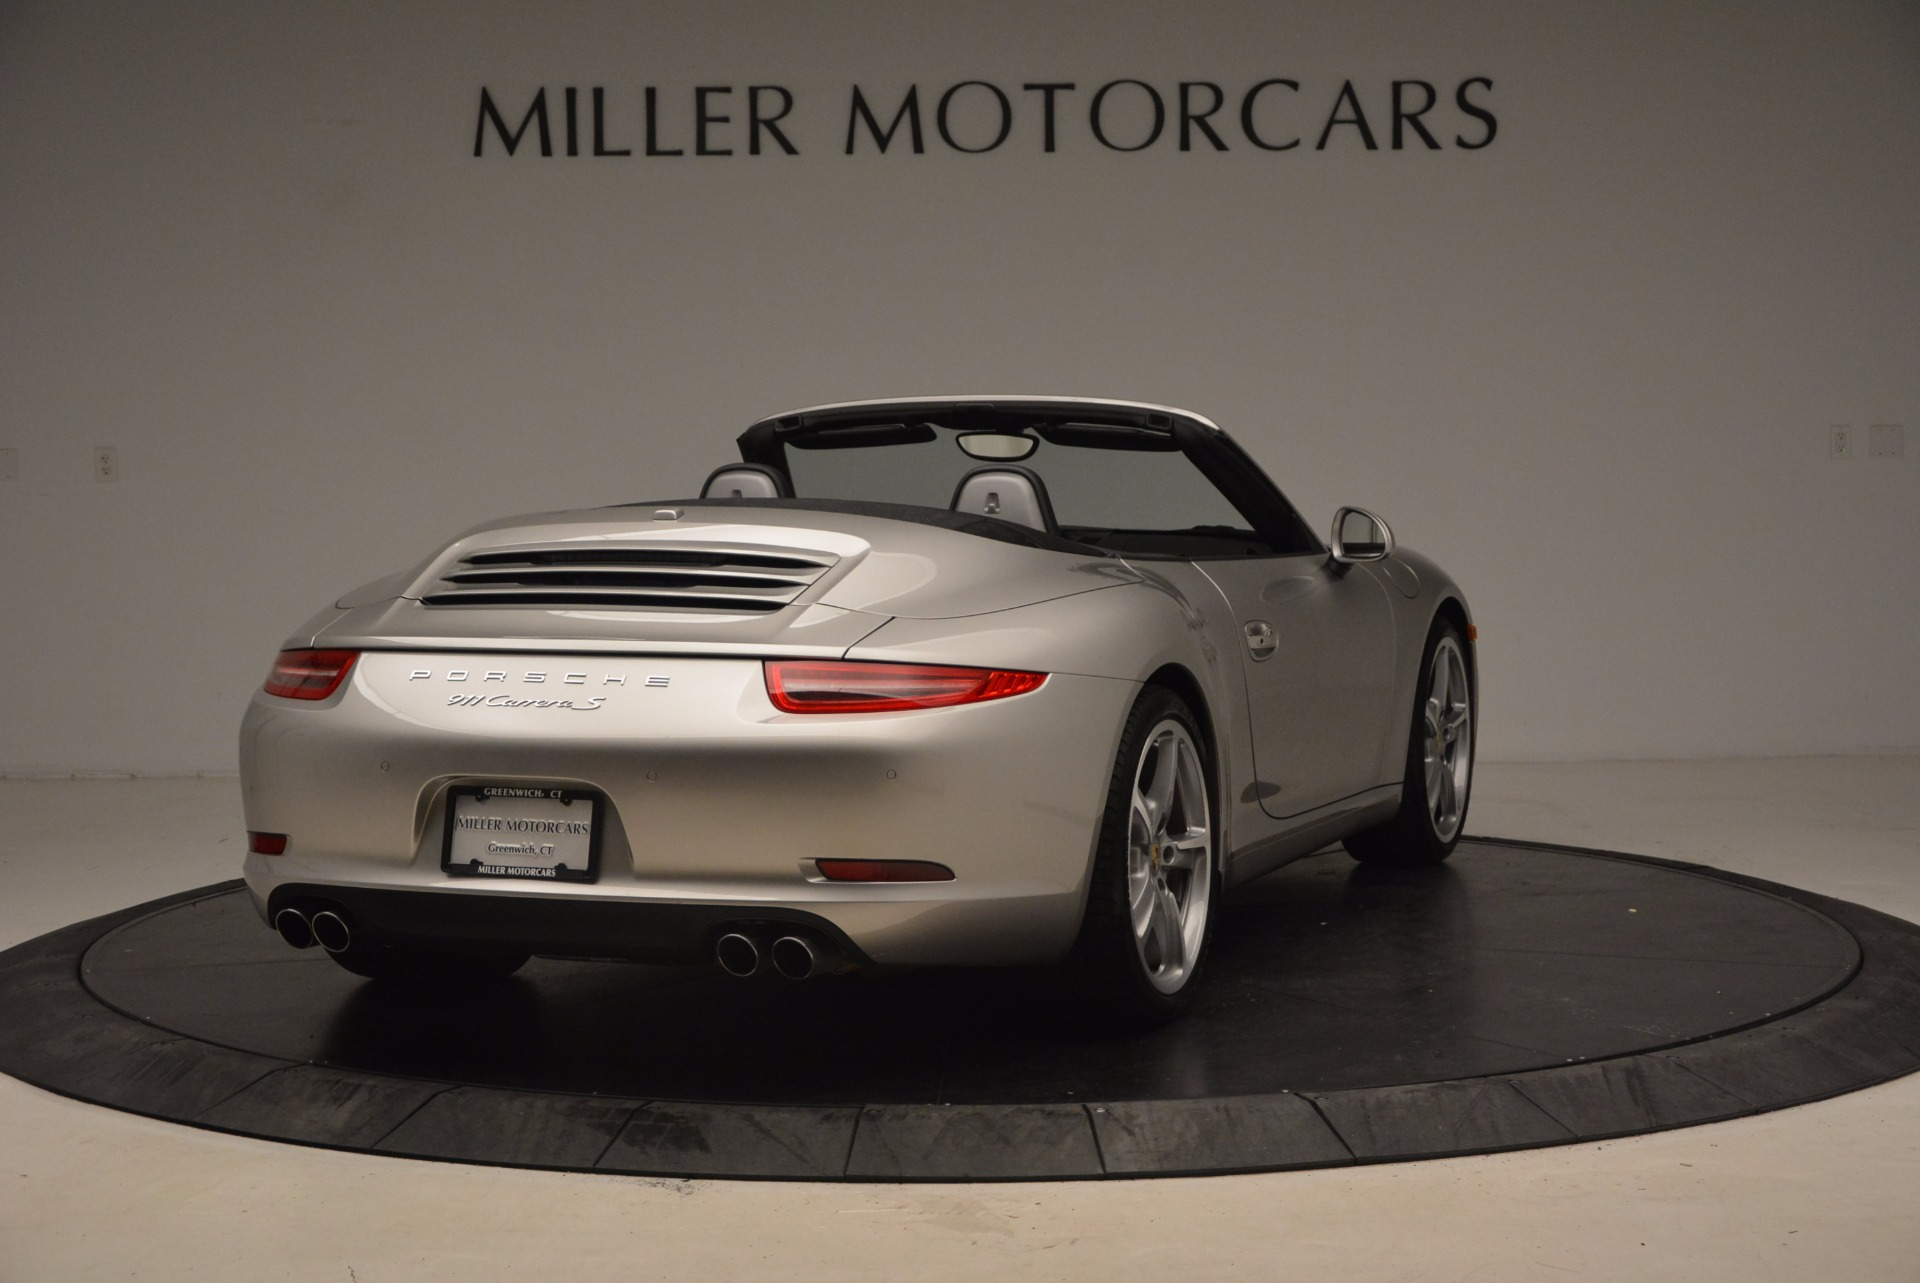 Used 2012 Porsche 911 Carrera S For Sale In Greenwich, CT 1790_p46